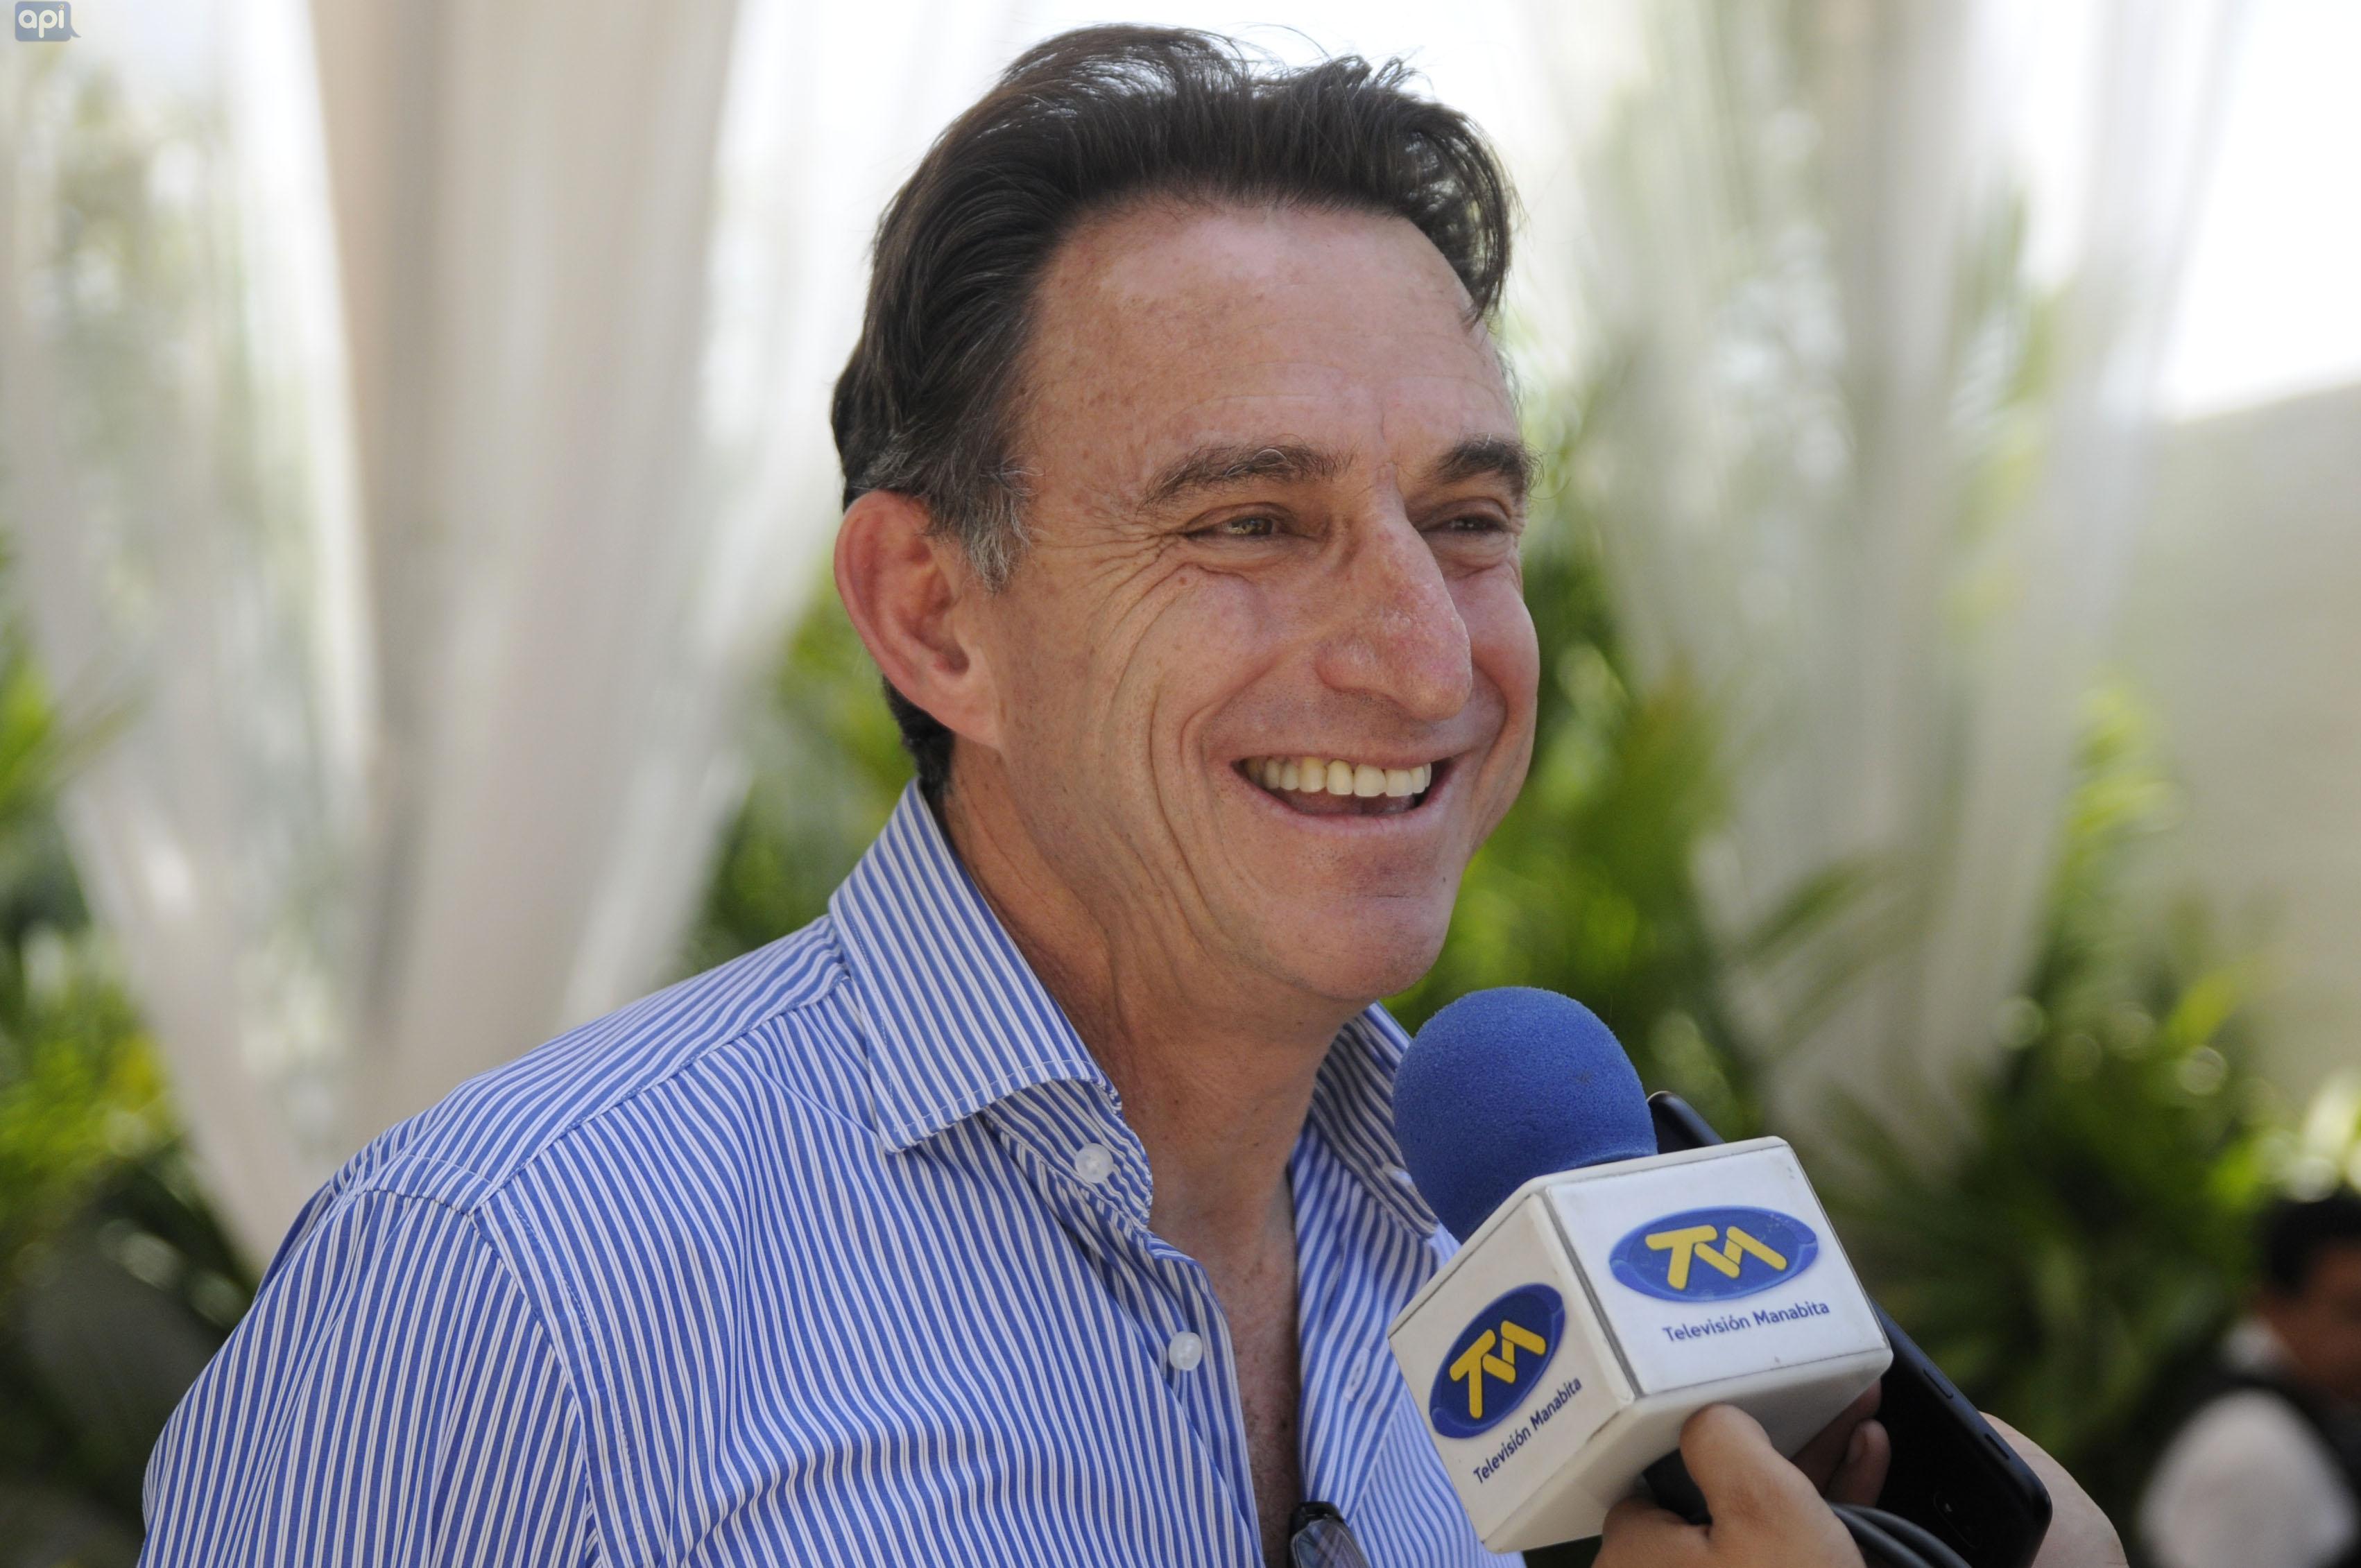 Michel Deller aseguró que Independiente del Valle está con mentalidad ganadora, dispuesto a dar todo para traer la Copa Sudamericana a Ecuador